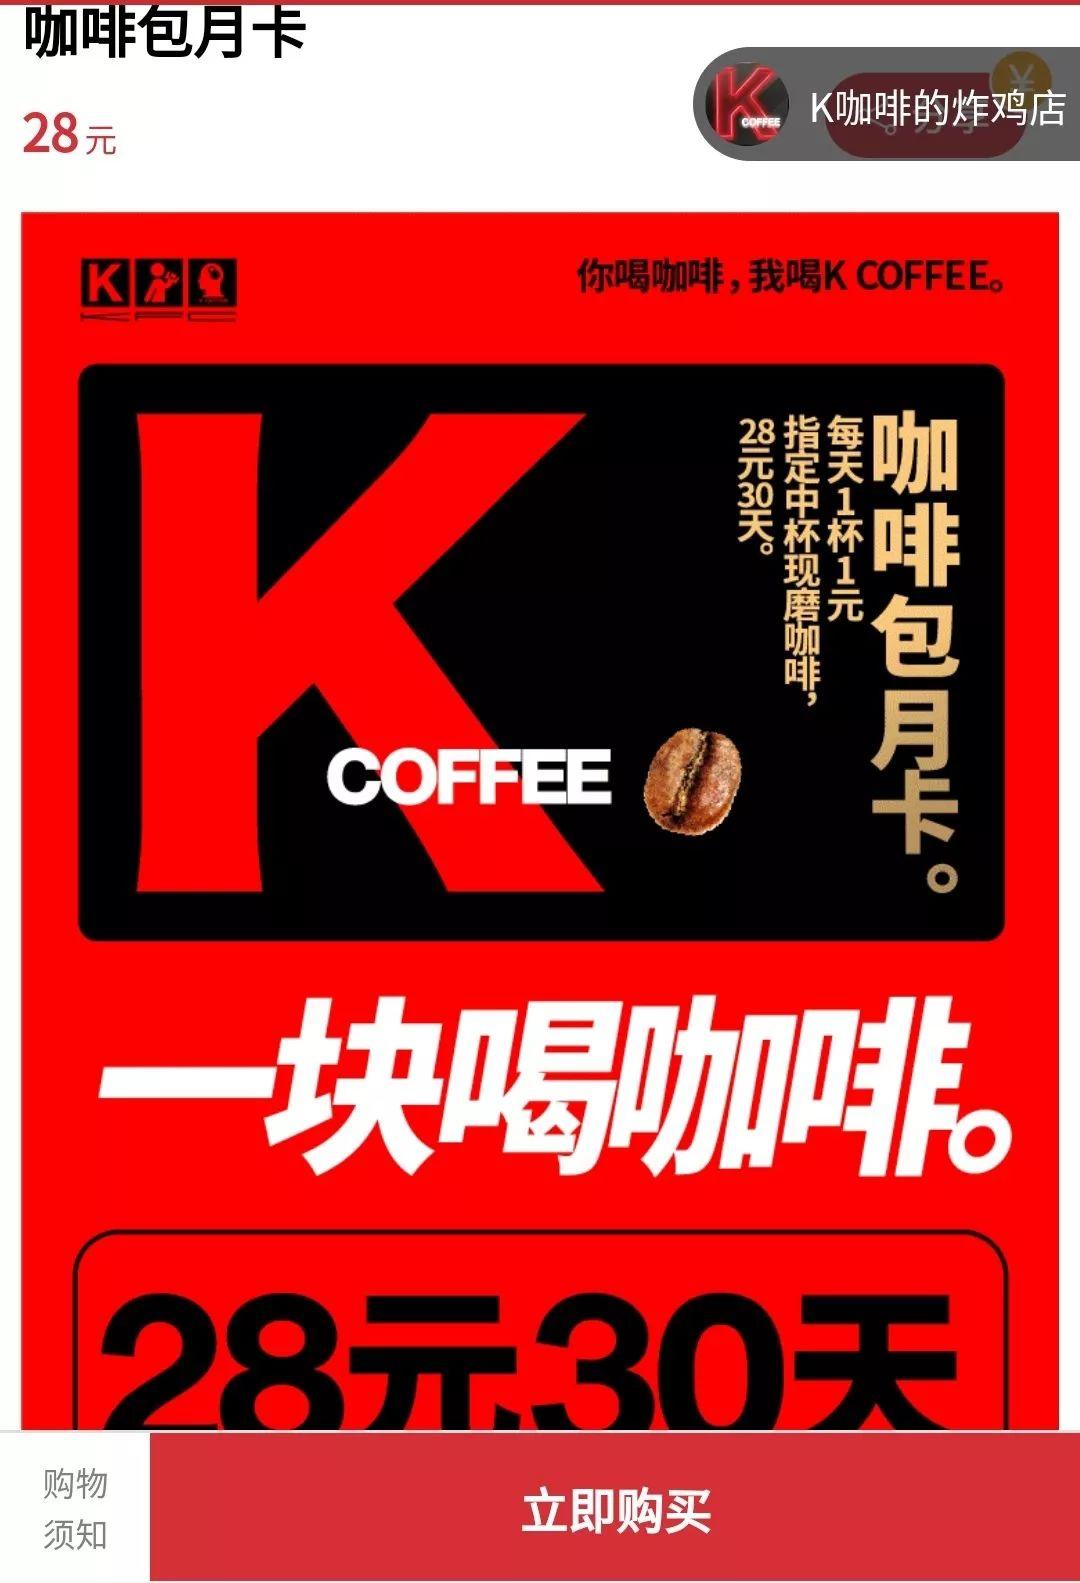 商业观察│肯德基推1元一杯现磨咖啡,能否吸引你到店?